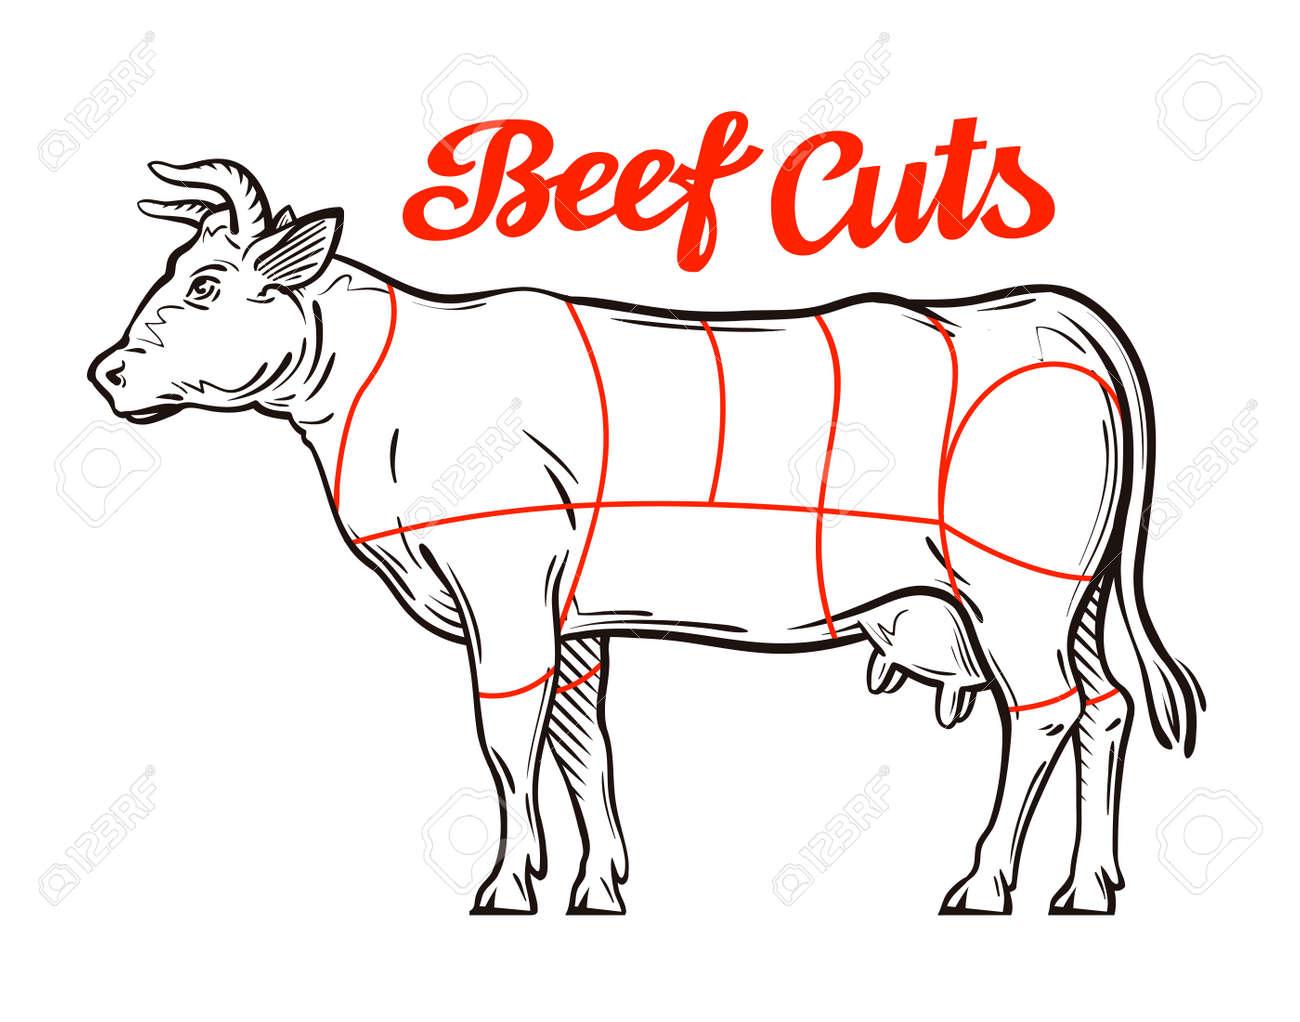 d06205218d Foto de archivo - Vector gráfico de la carne de vacuno. cortes de carne o  carnicería